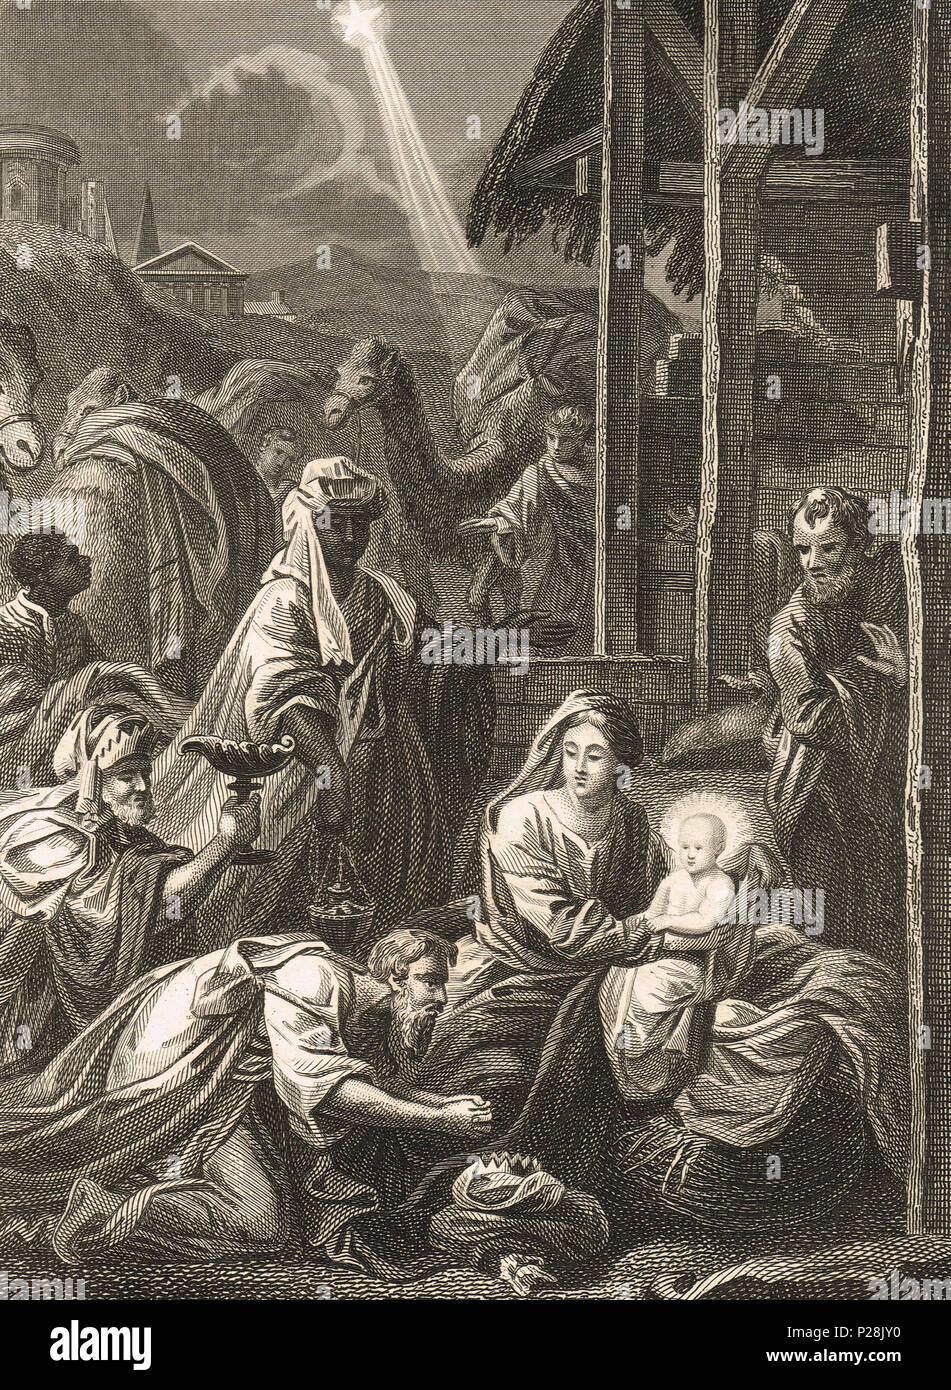 Die drei Weisen, Geburt stabil Szene, Abbildung 19. Stockfoto